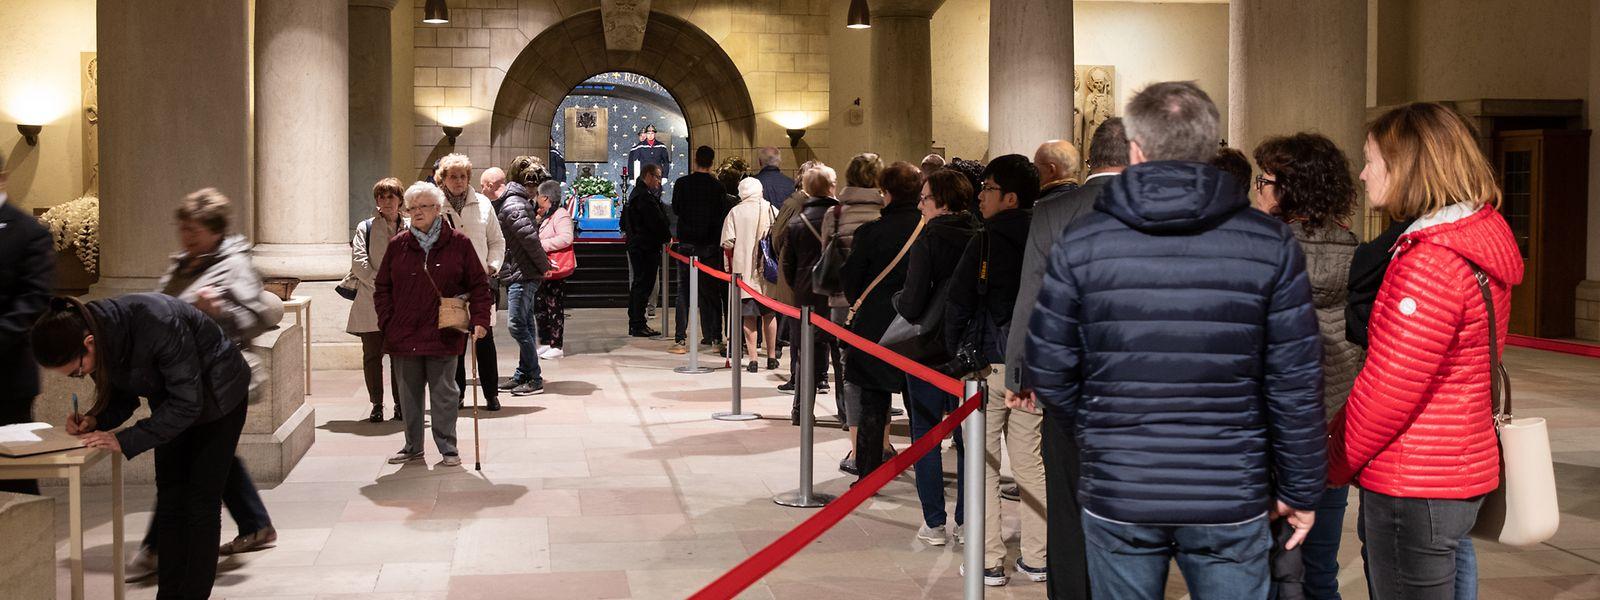 Zahlreiche Menschen hatten am Sonntag den Weg in die Krypta der Kathedrale gefunden, um Großherzog Jean die letzte Ehre zu erweisen.